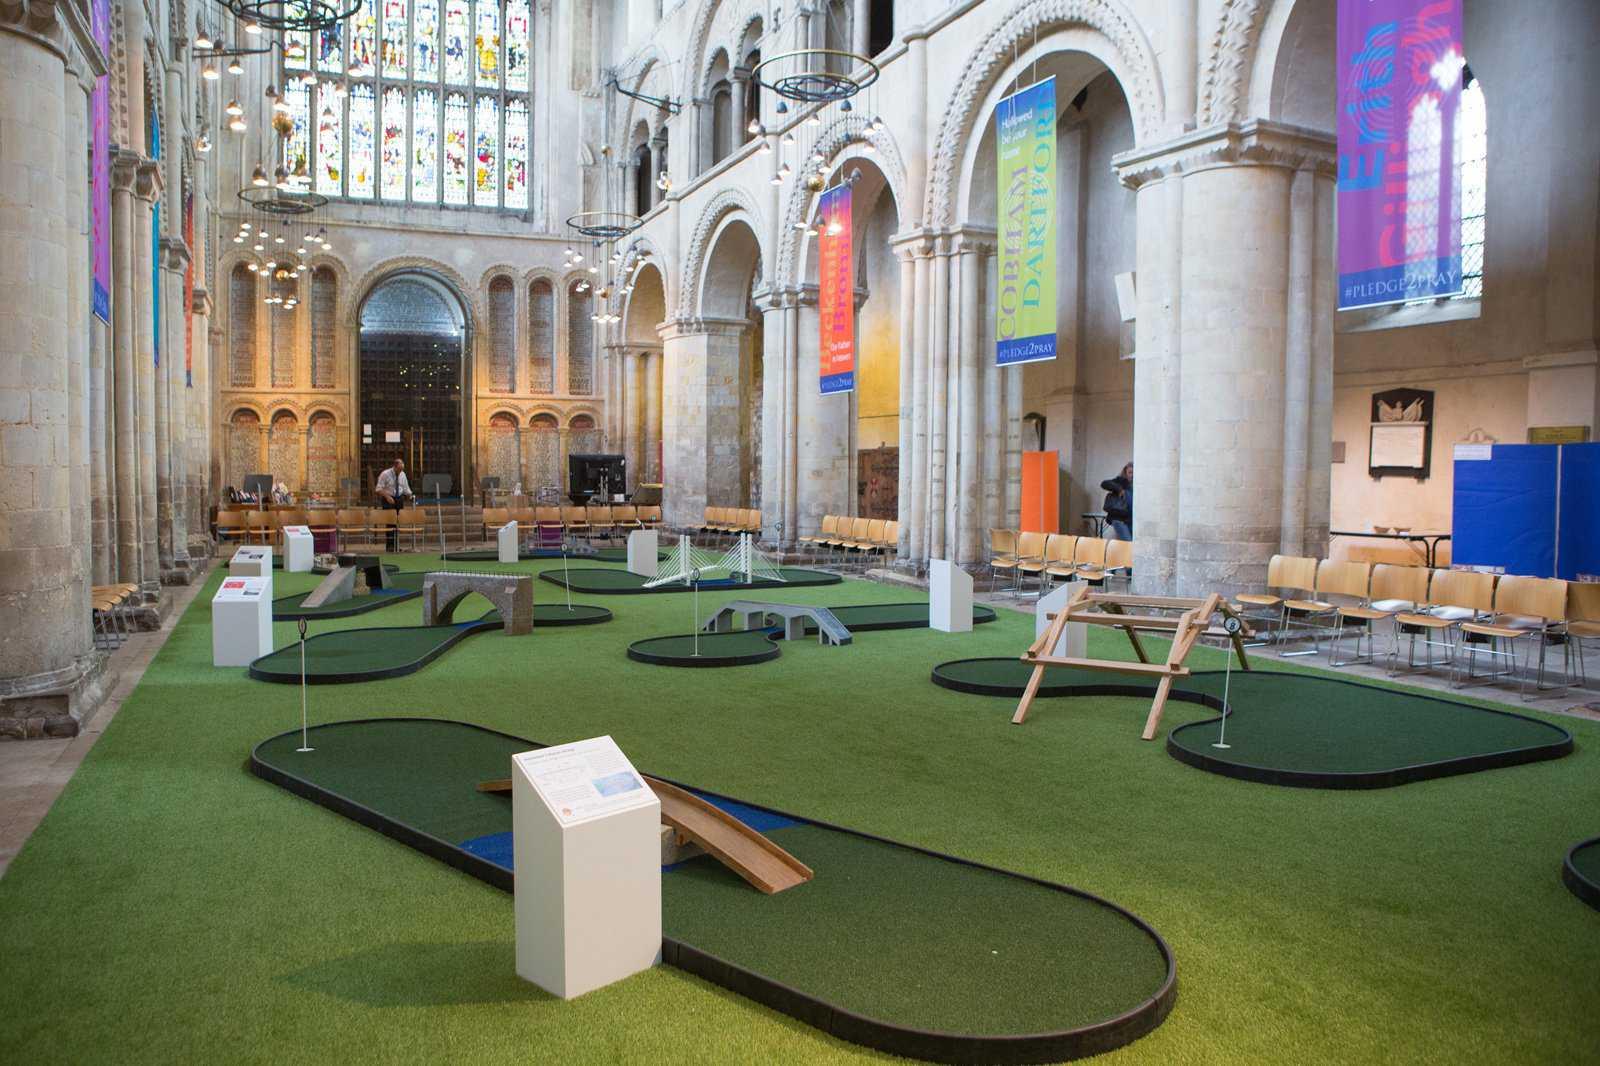 La iglesia que construyó un minigolf para atraer fieles y otras noticias curiosas de la semana